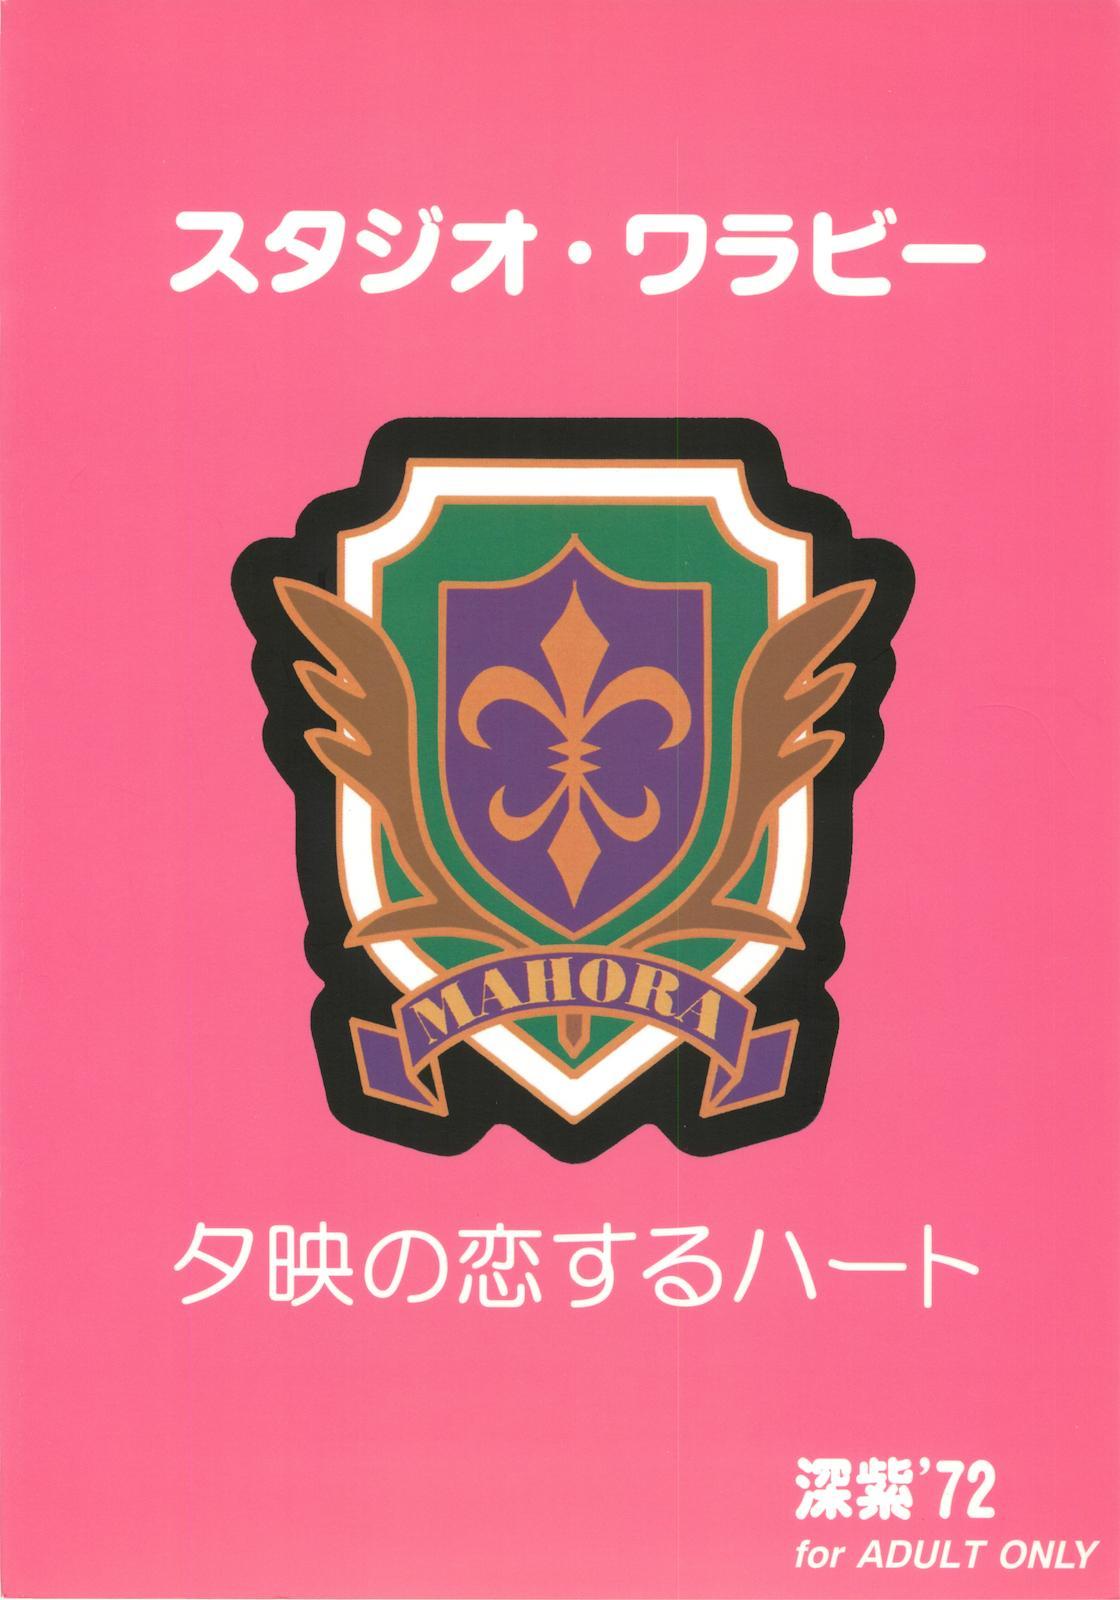 Yue no Koisuru Heart 35